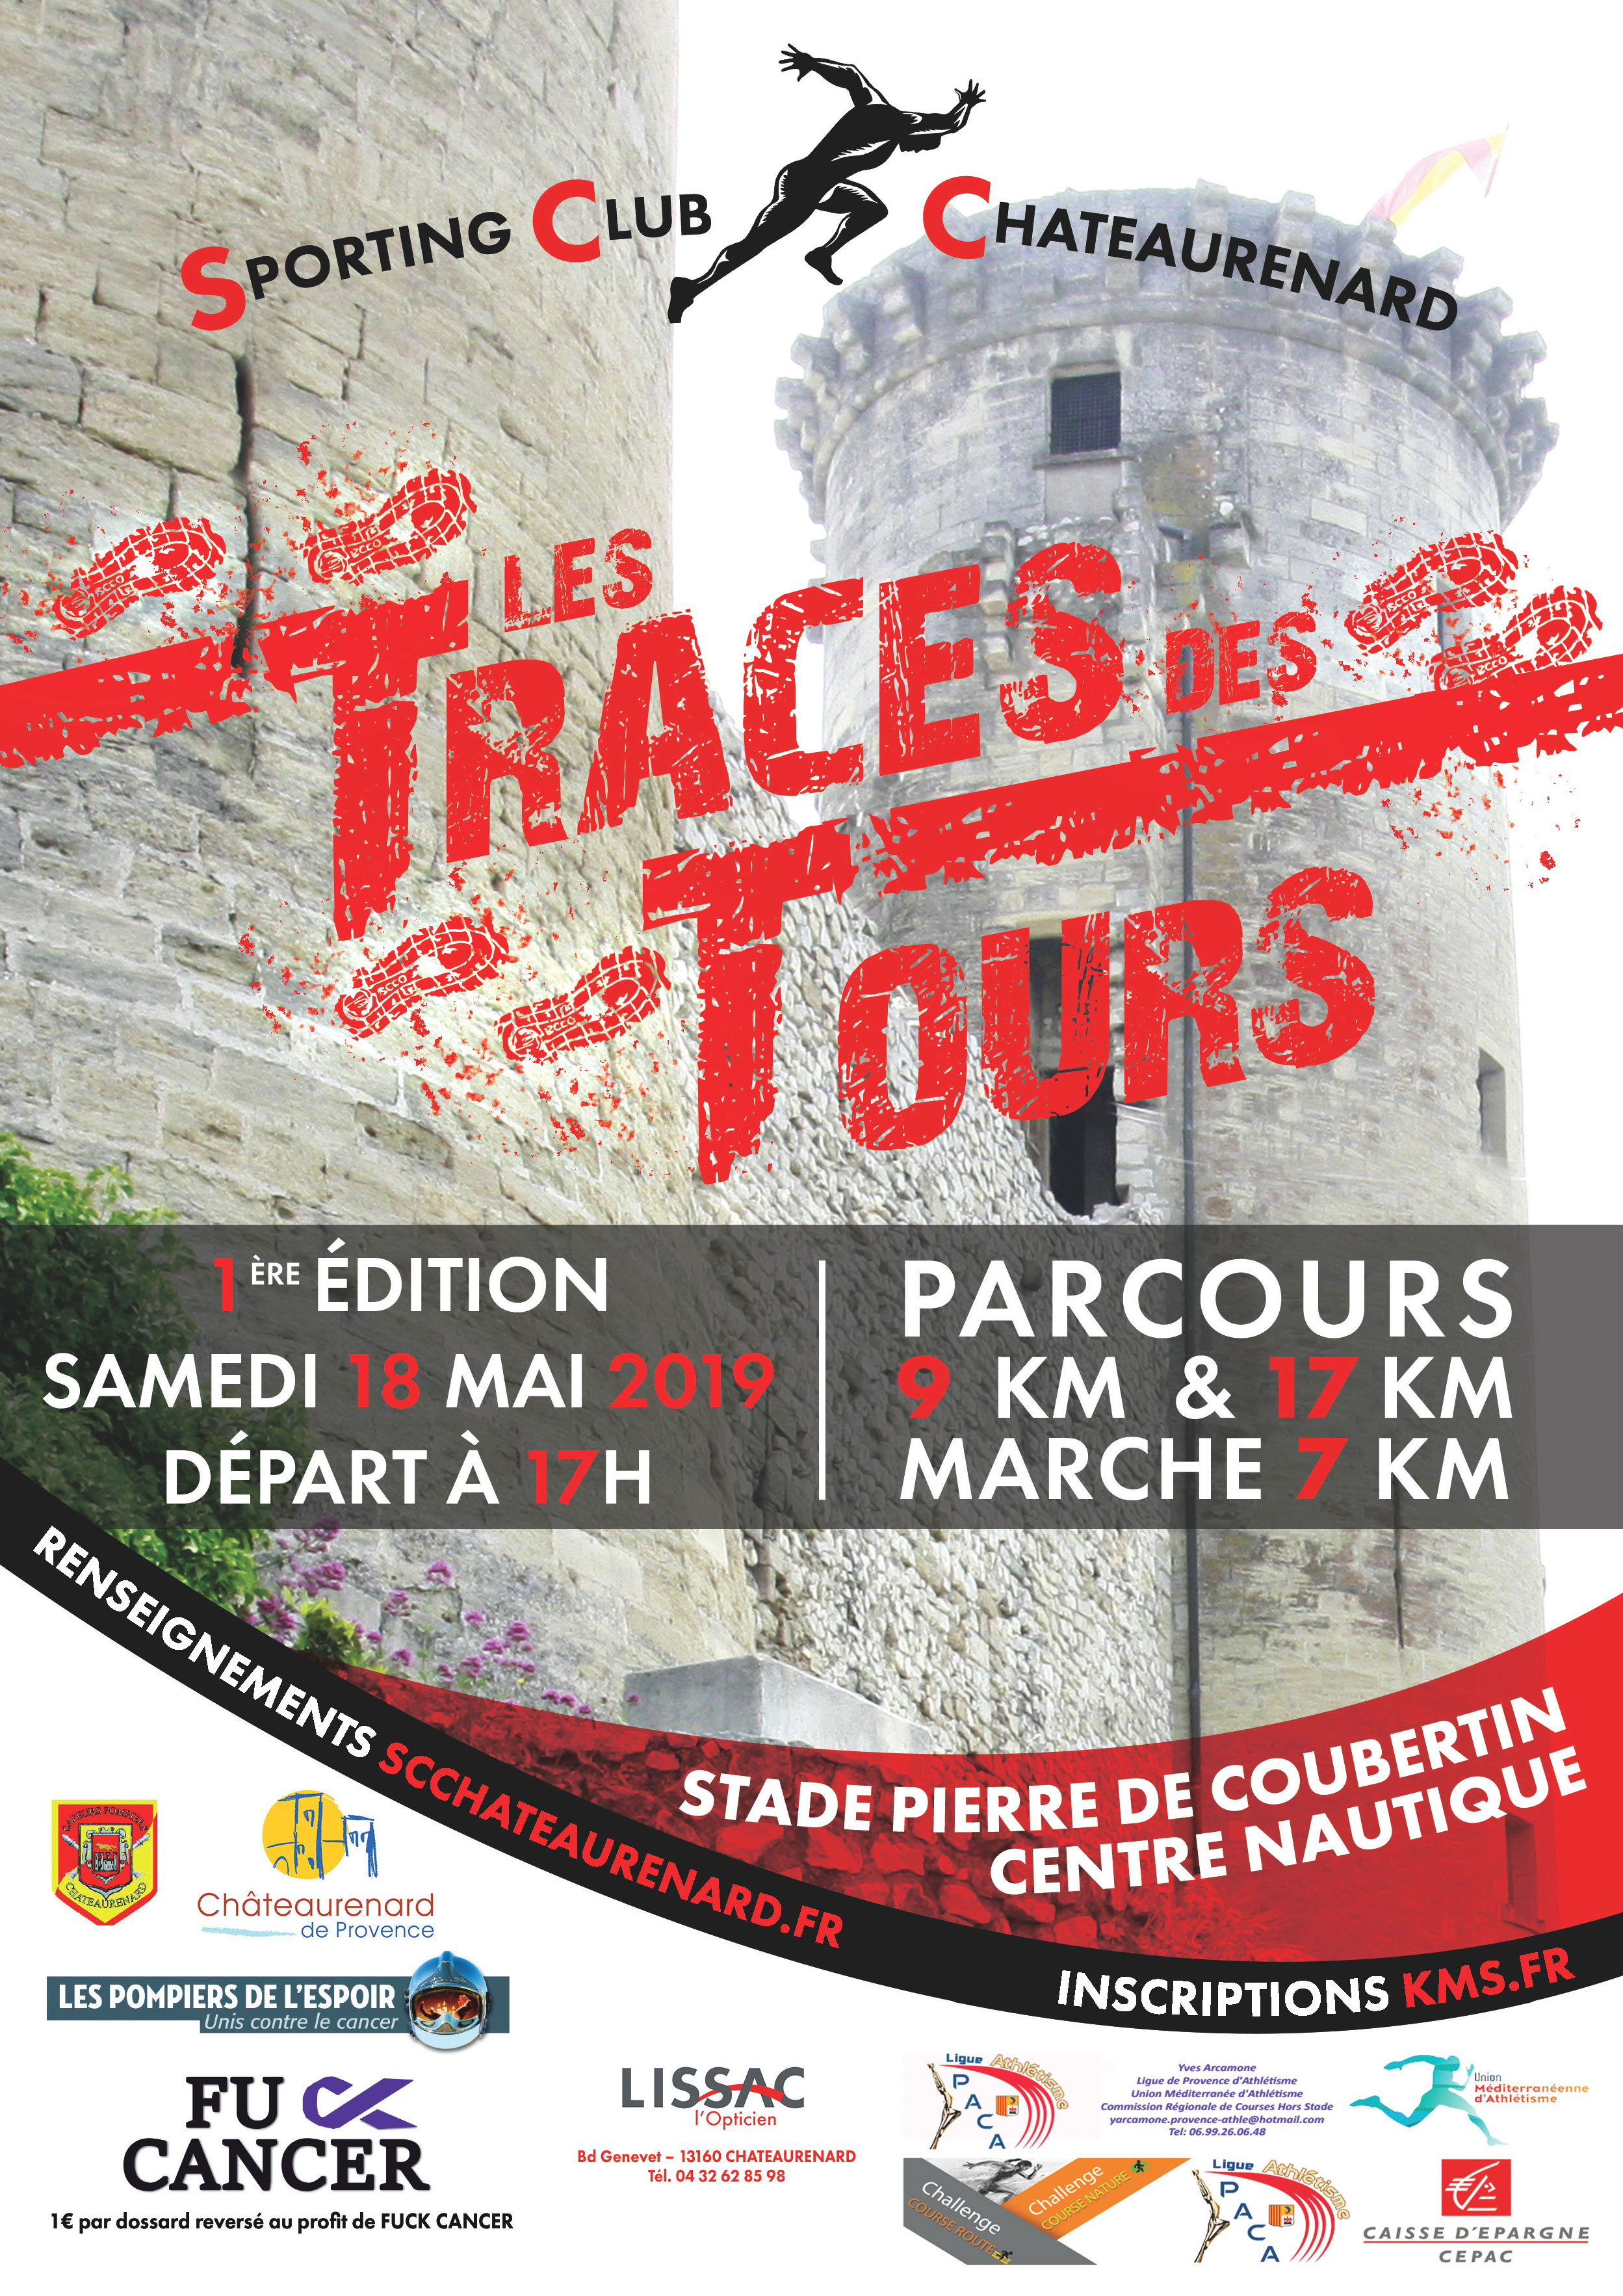 9KM - LES TRACES DES TOURS